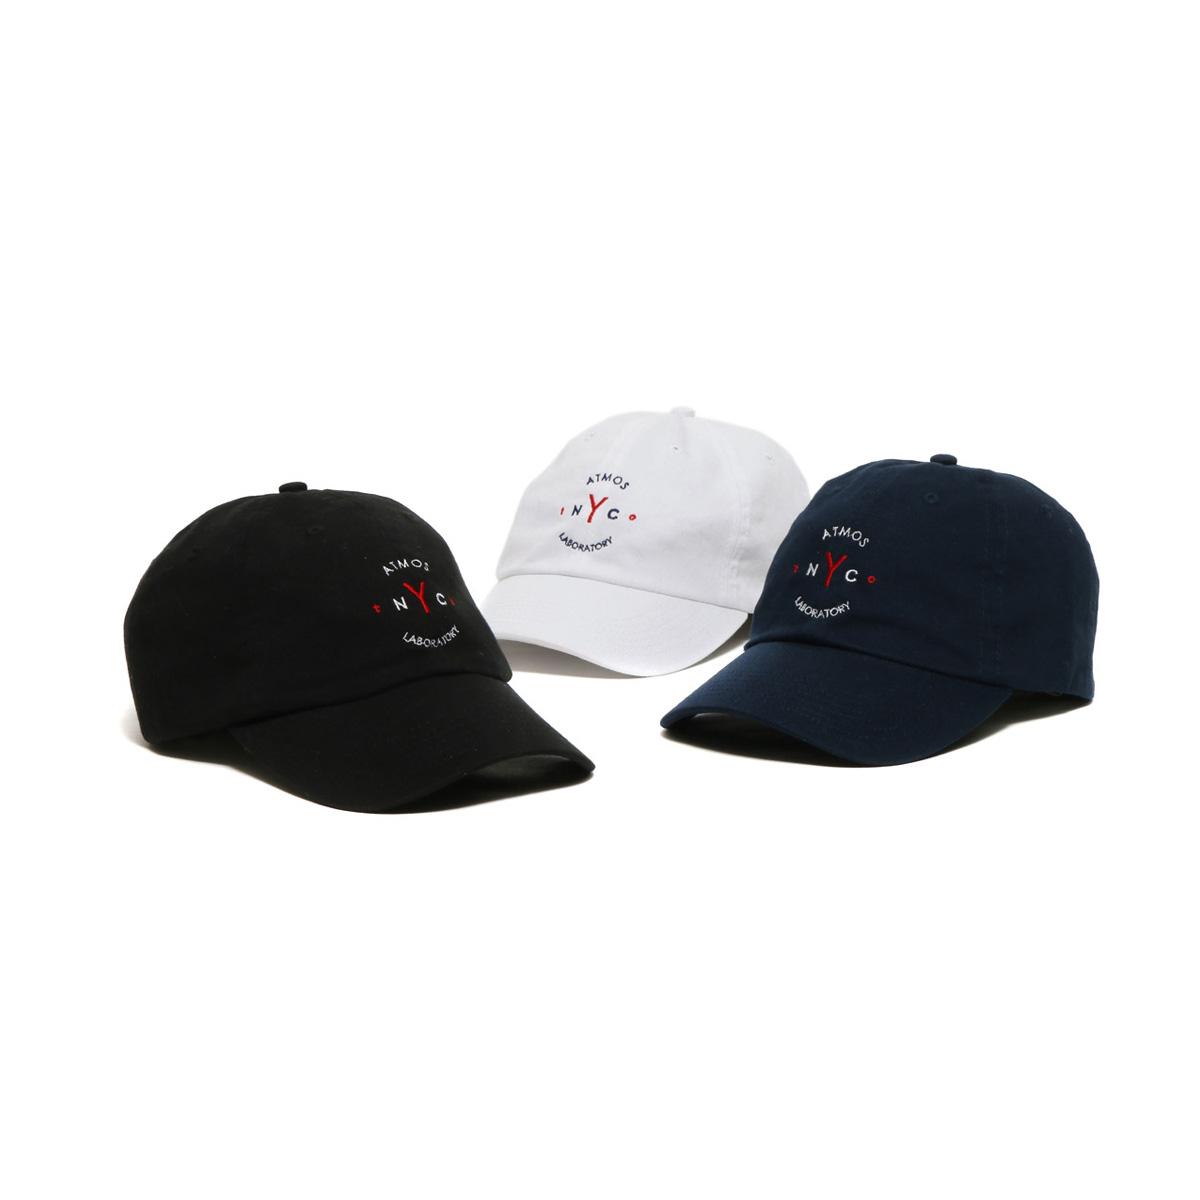 tNYCo 6 PANEL CAP